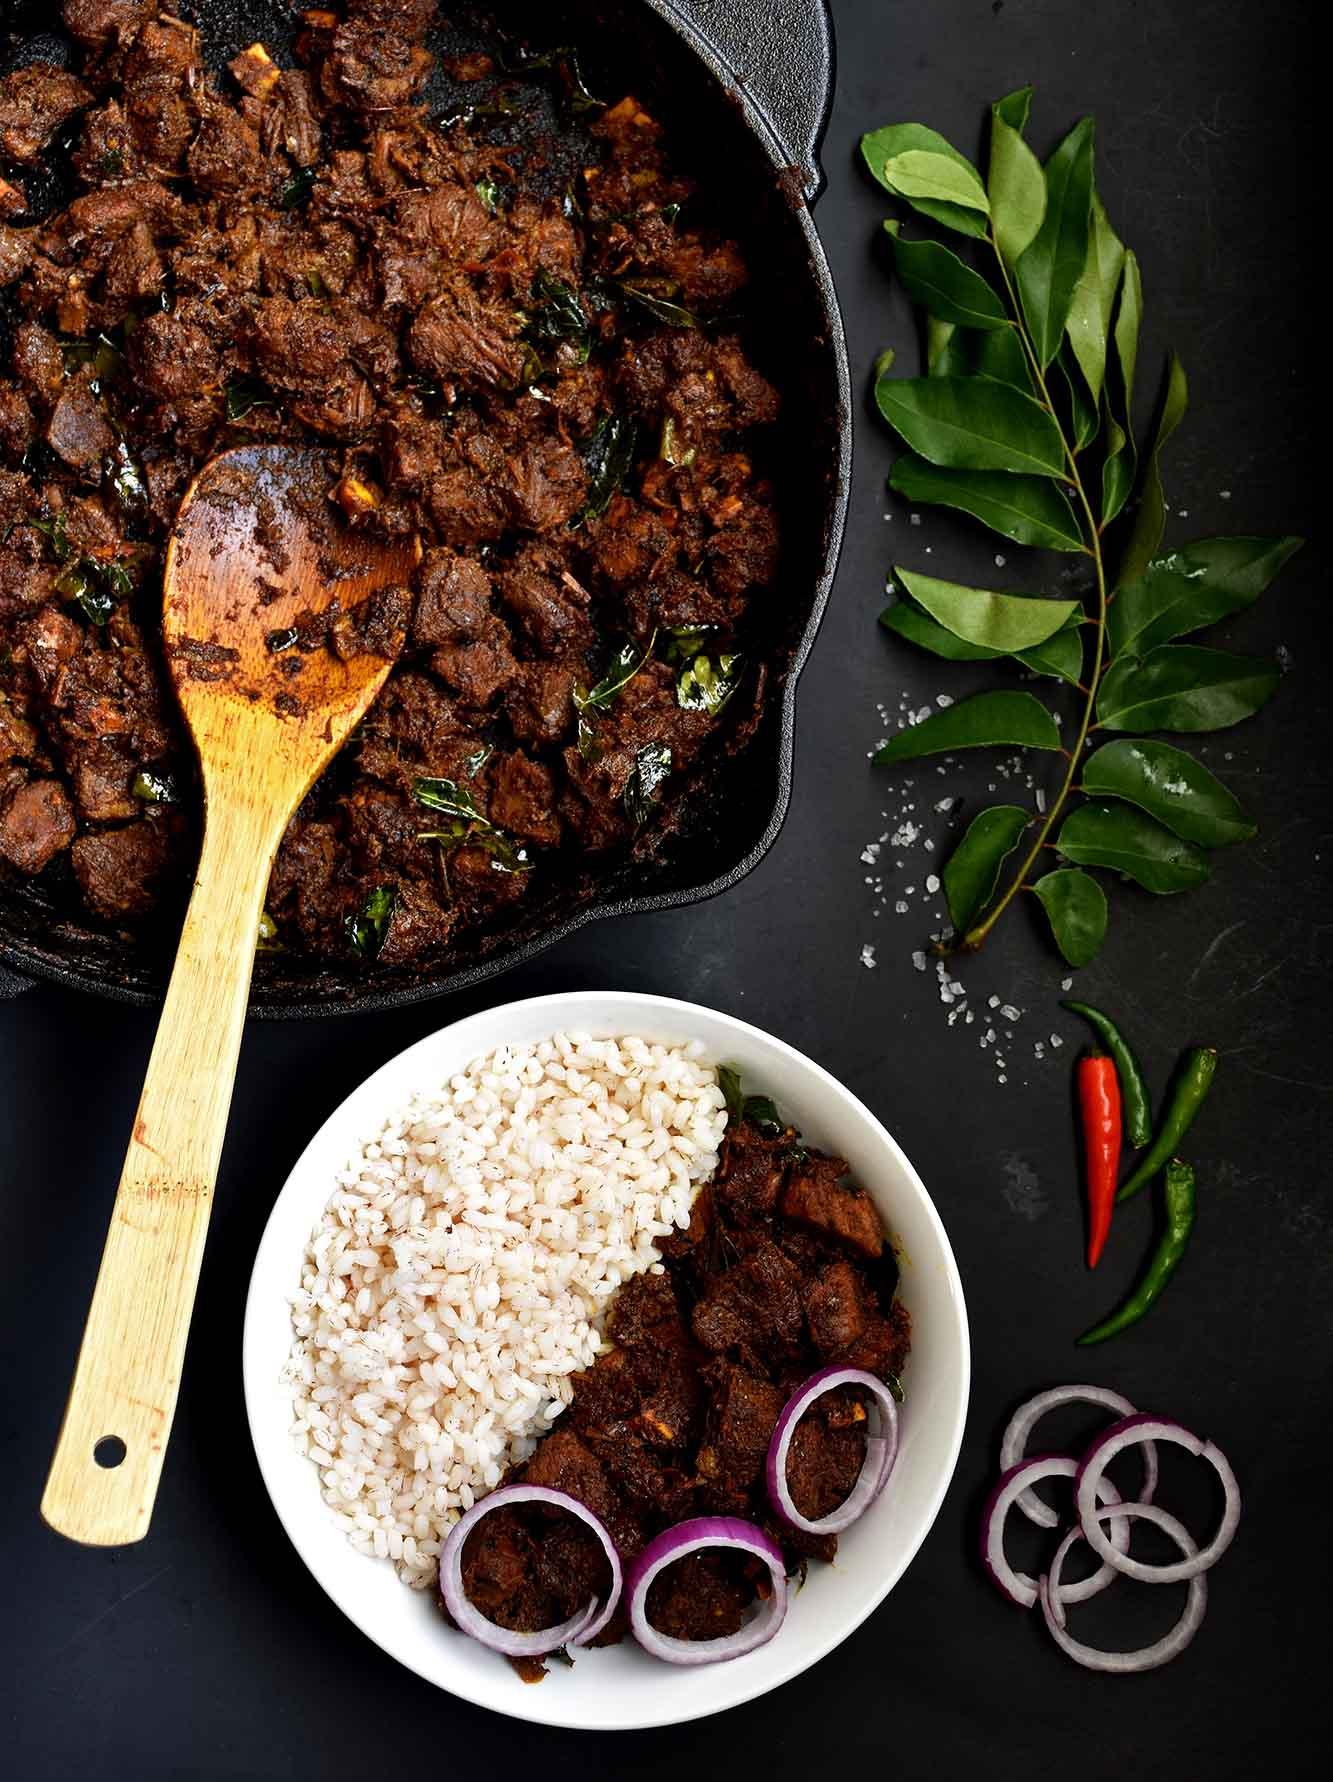 Beef ularthiyathubeef dry roast pepper delight beef dry roast pepper delight pepperdelightblog recipe beefularthiyathu beef nadan forumfinder Gallery